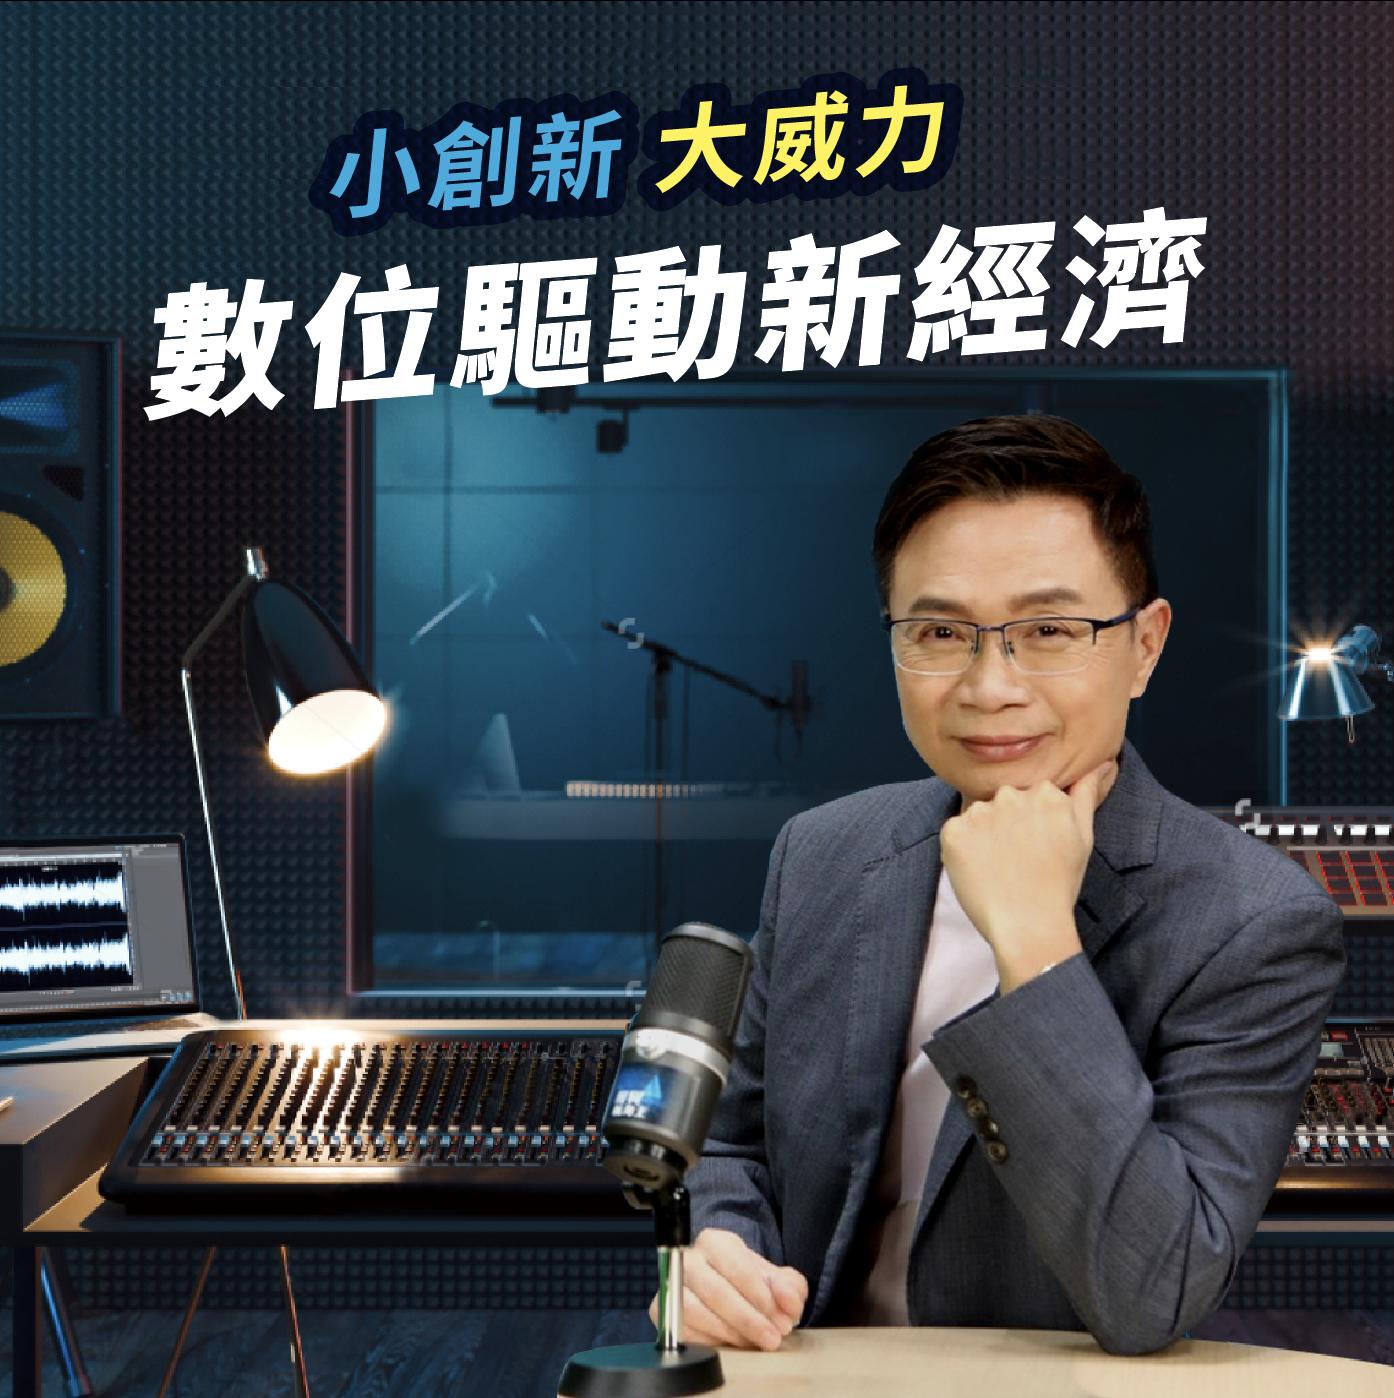 EP 17【特輯】小創新大威力 數位驅動新經濟  ft.外貿協會 黃志芳 董事長